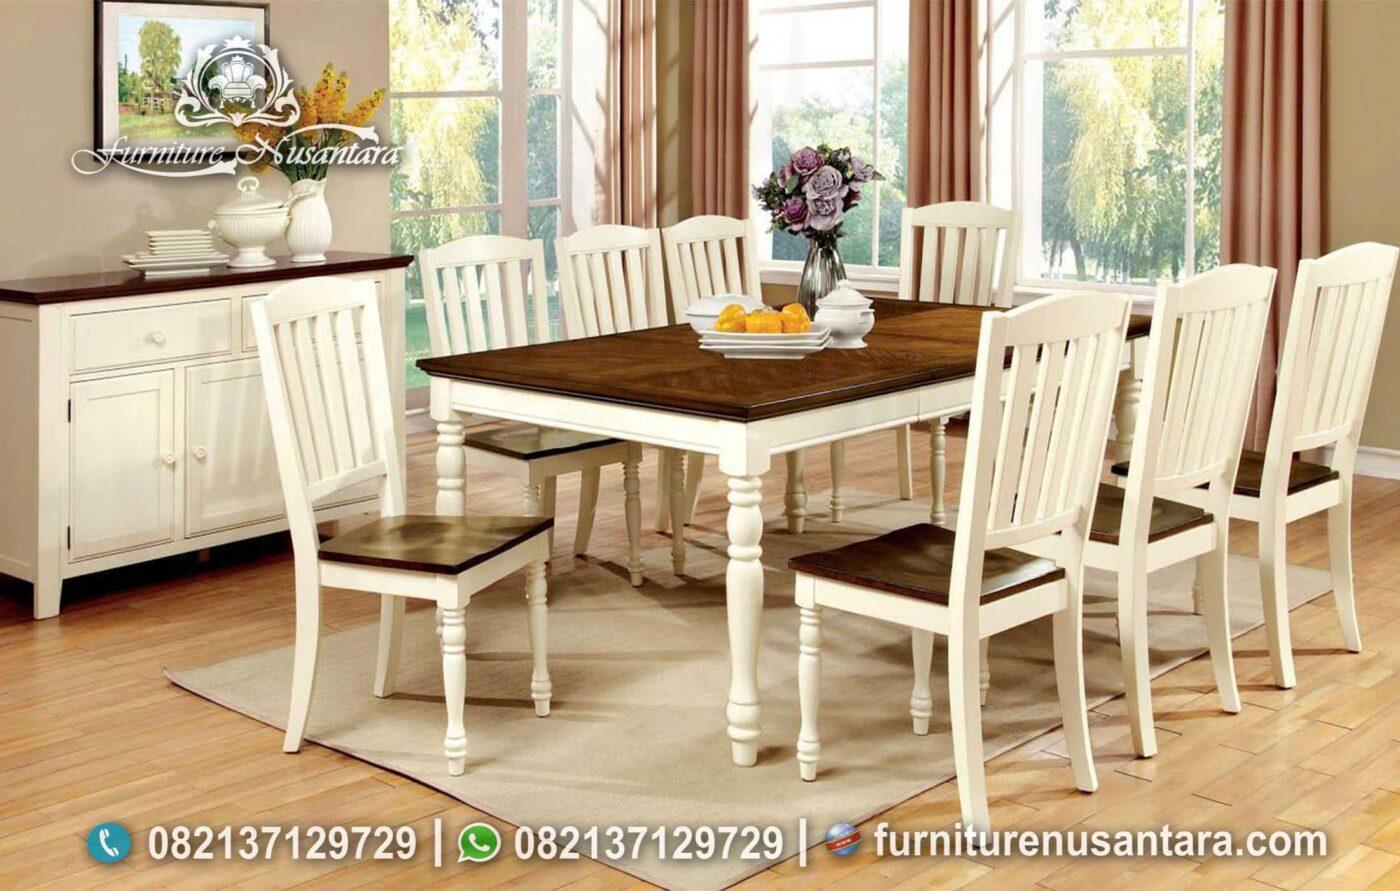 Jual Meja Makan Minimalis 8 Kursi MM-126, Furniture Nusantara